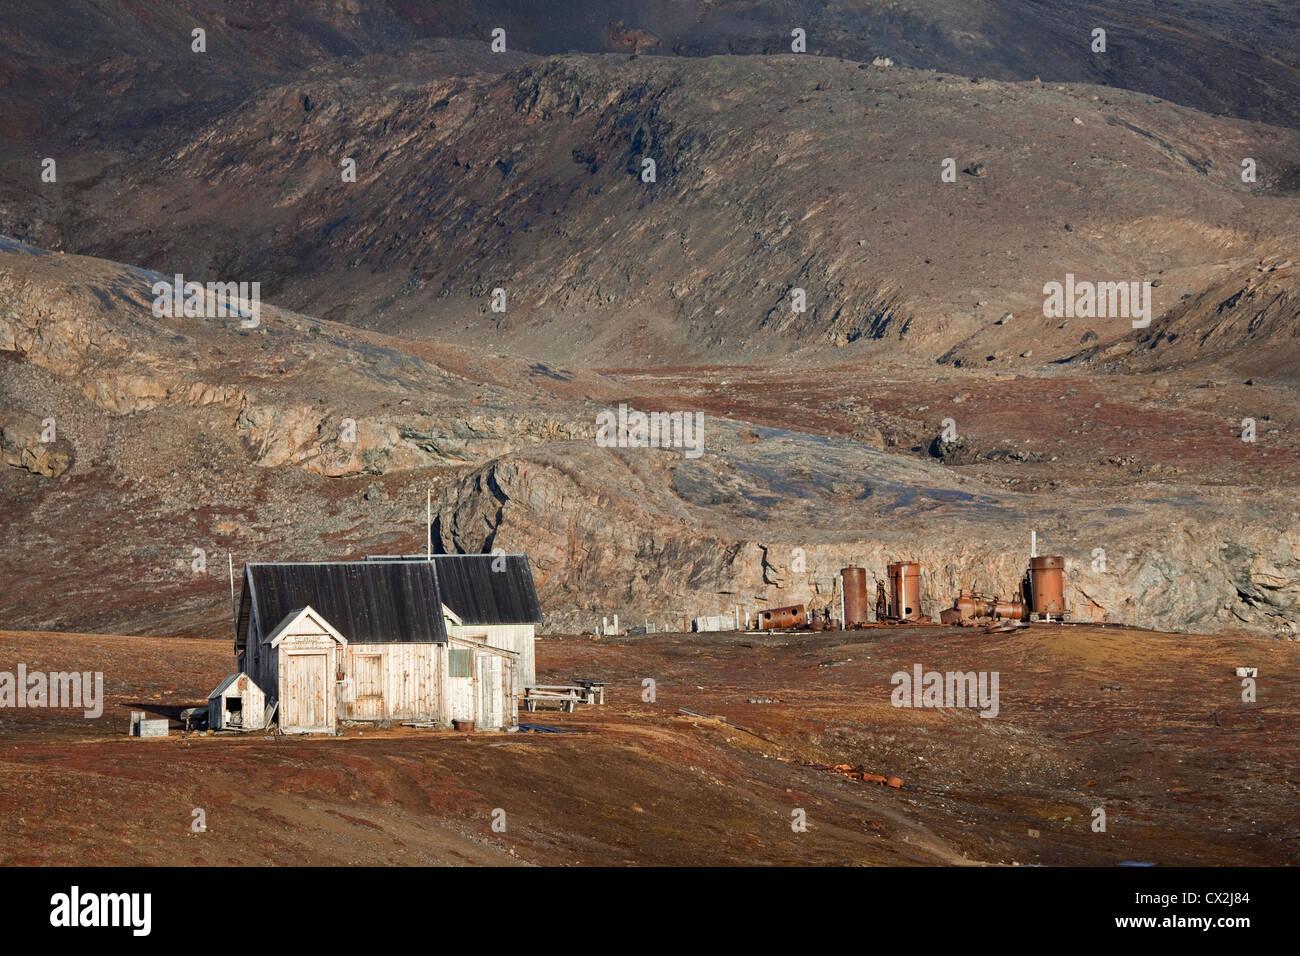 Holzhütten Camp Mansfield, alten Marmorsteinbruch bei Blomstrandhalvøya, Svalbard, Spitzbergen, Norwegen Stockbild